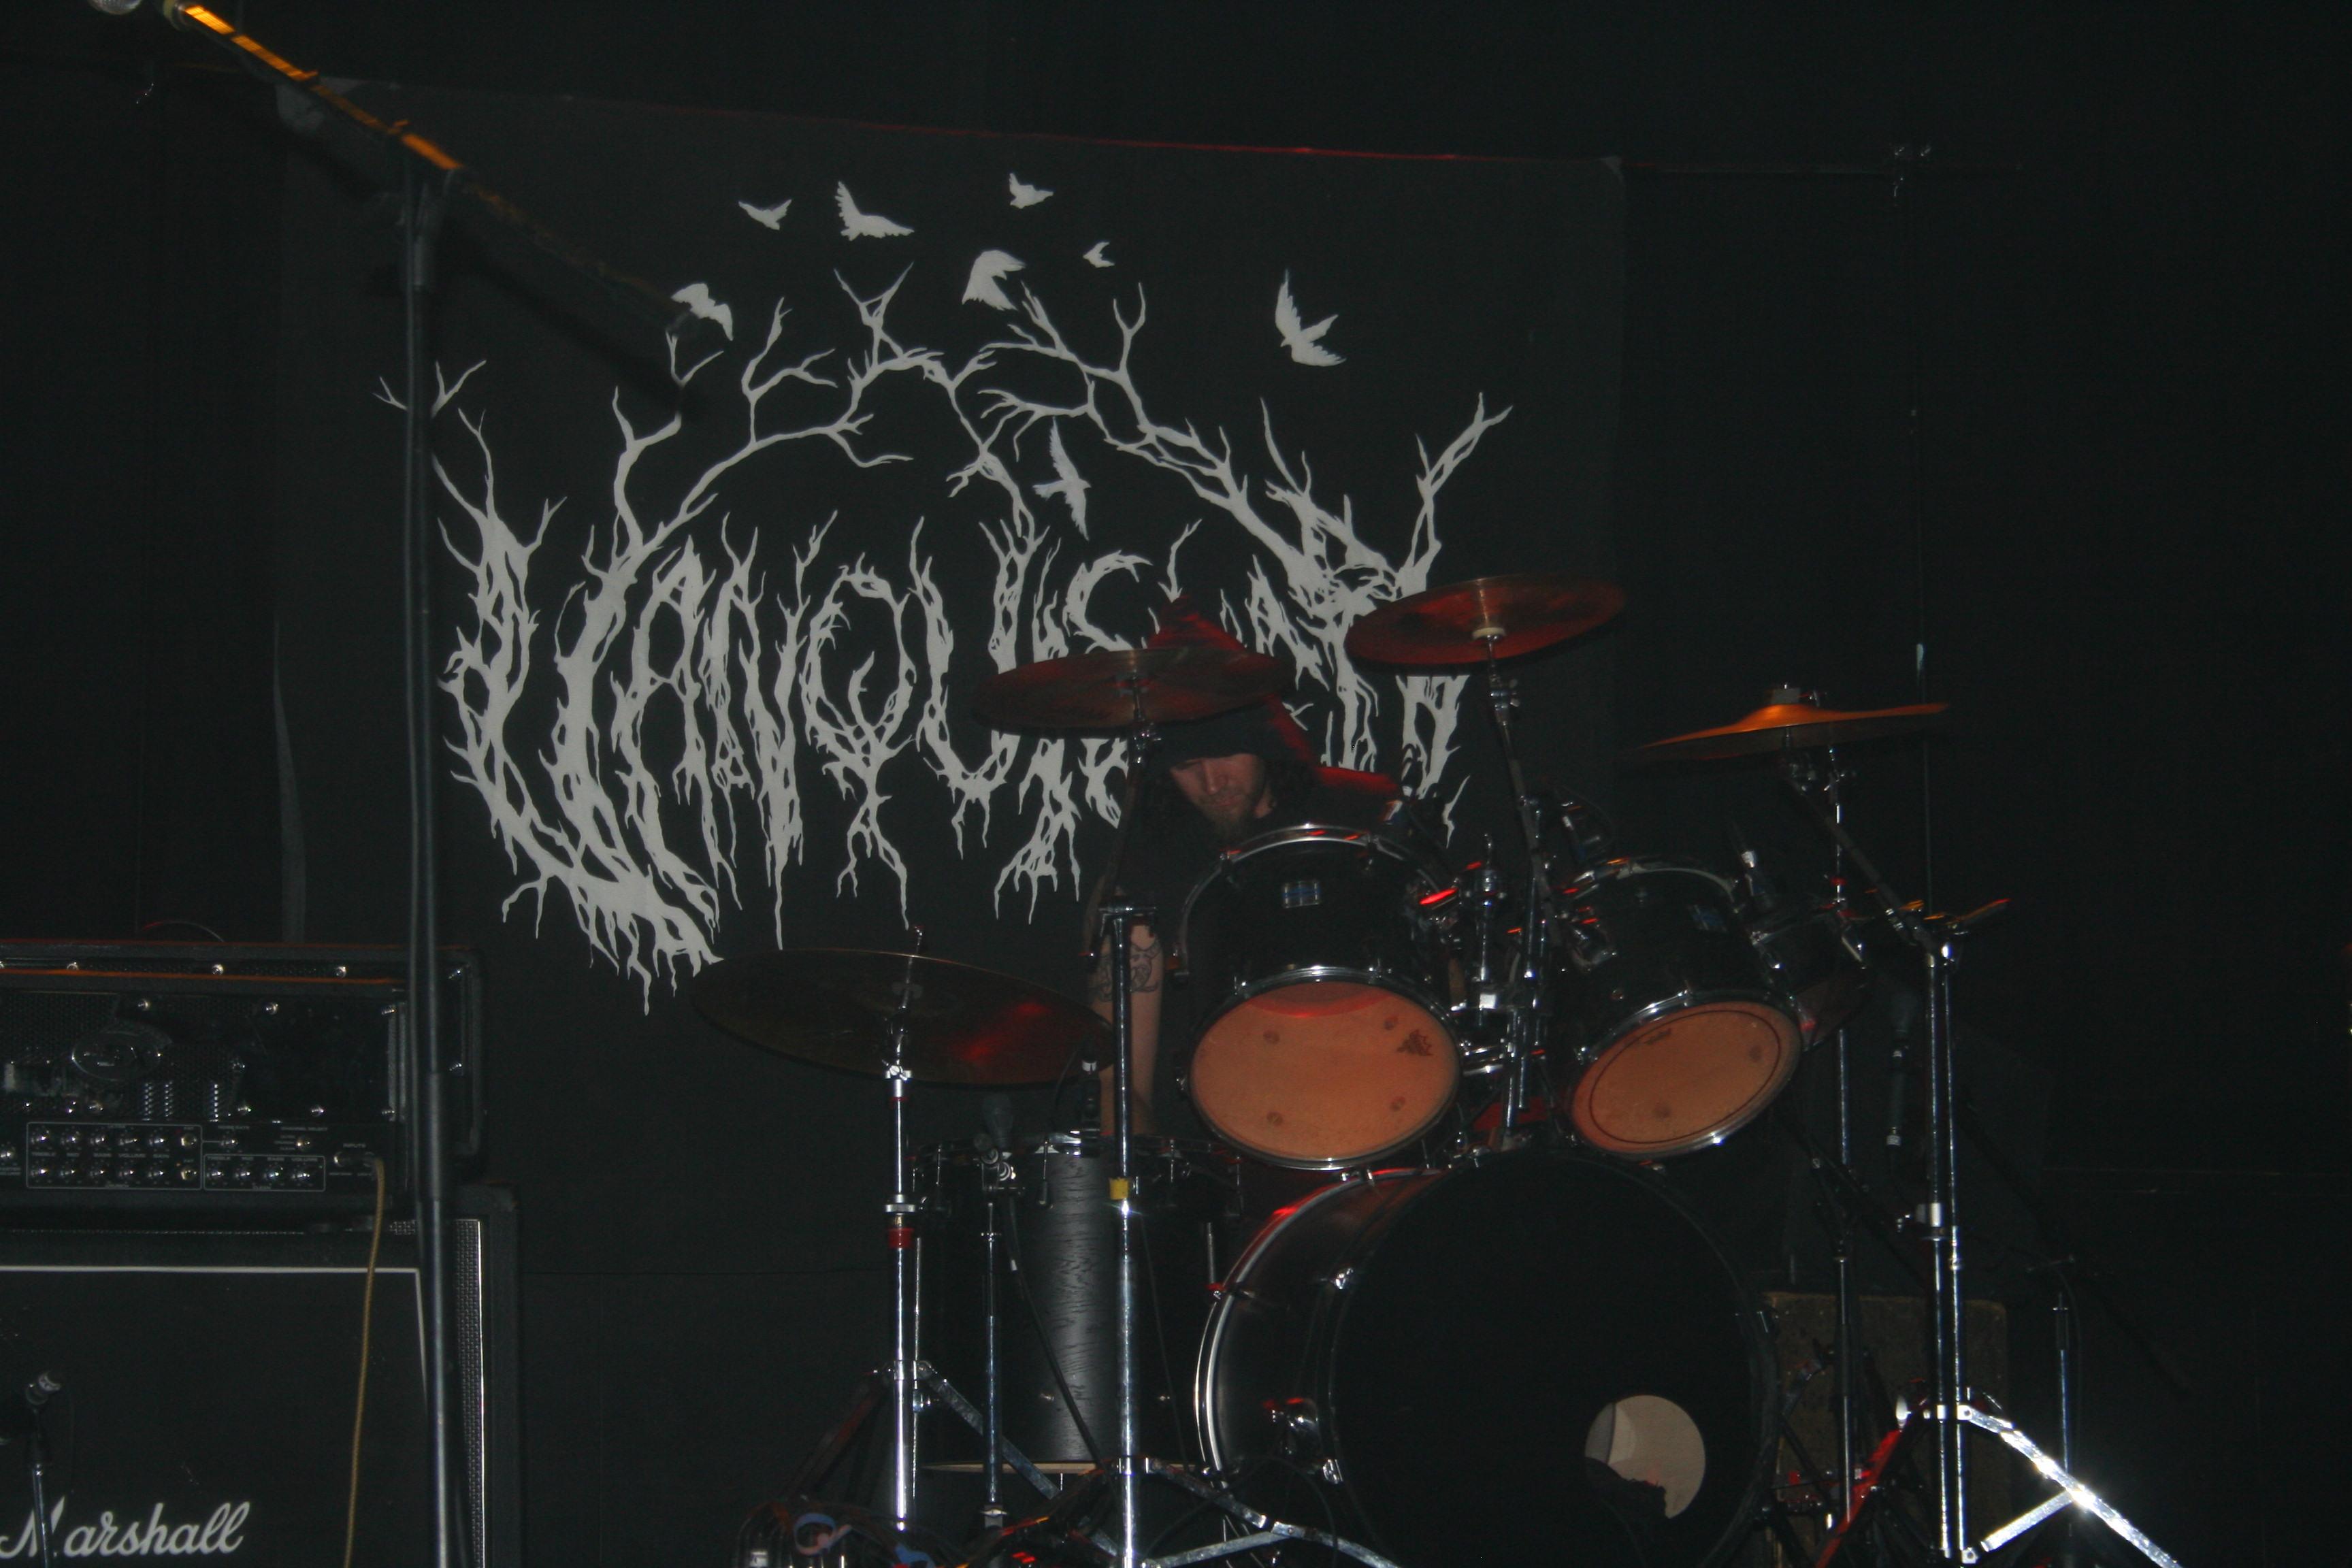 stage back banner - Vanquished